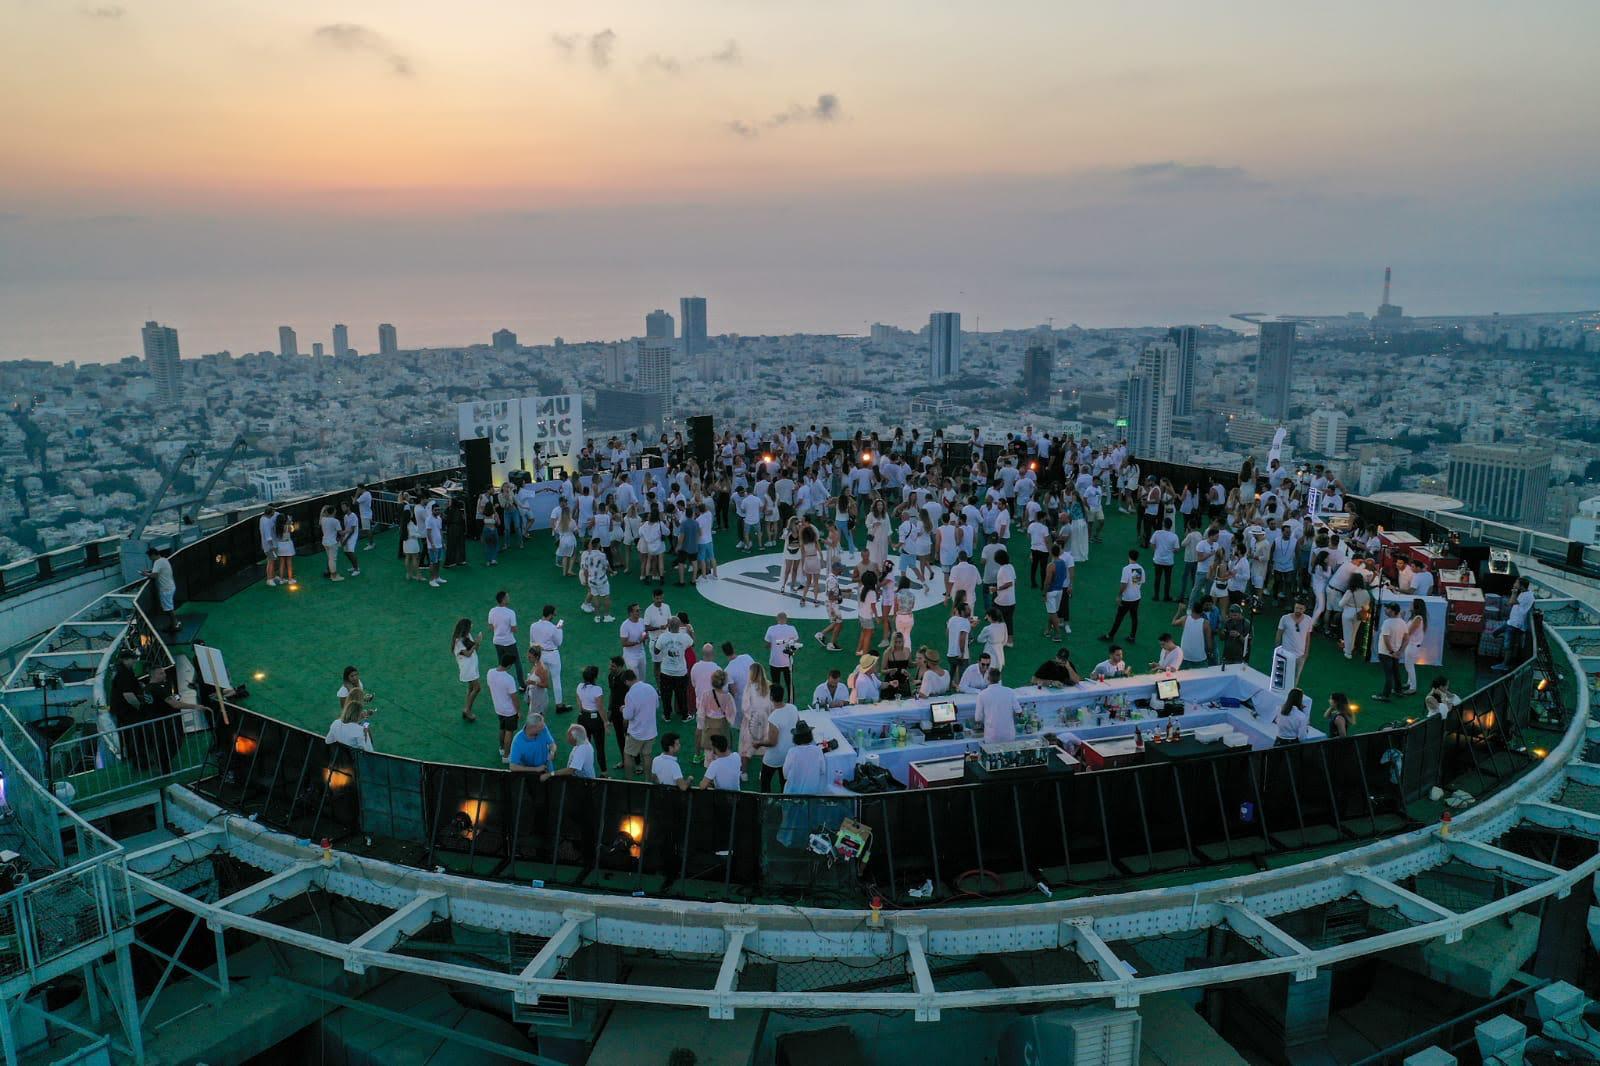 המסיבה על גג עזריאלי (צילום: דורון סארי)